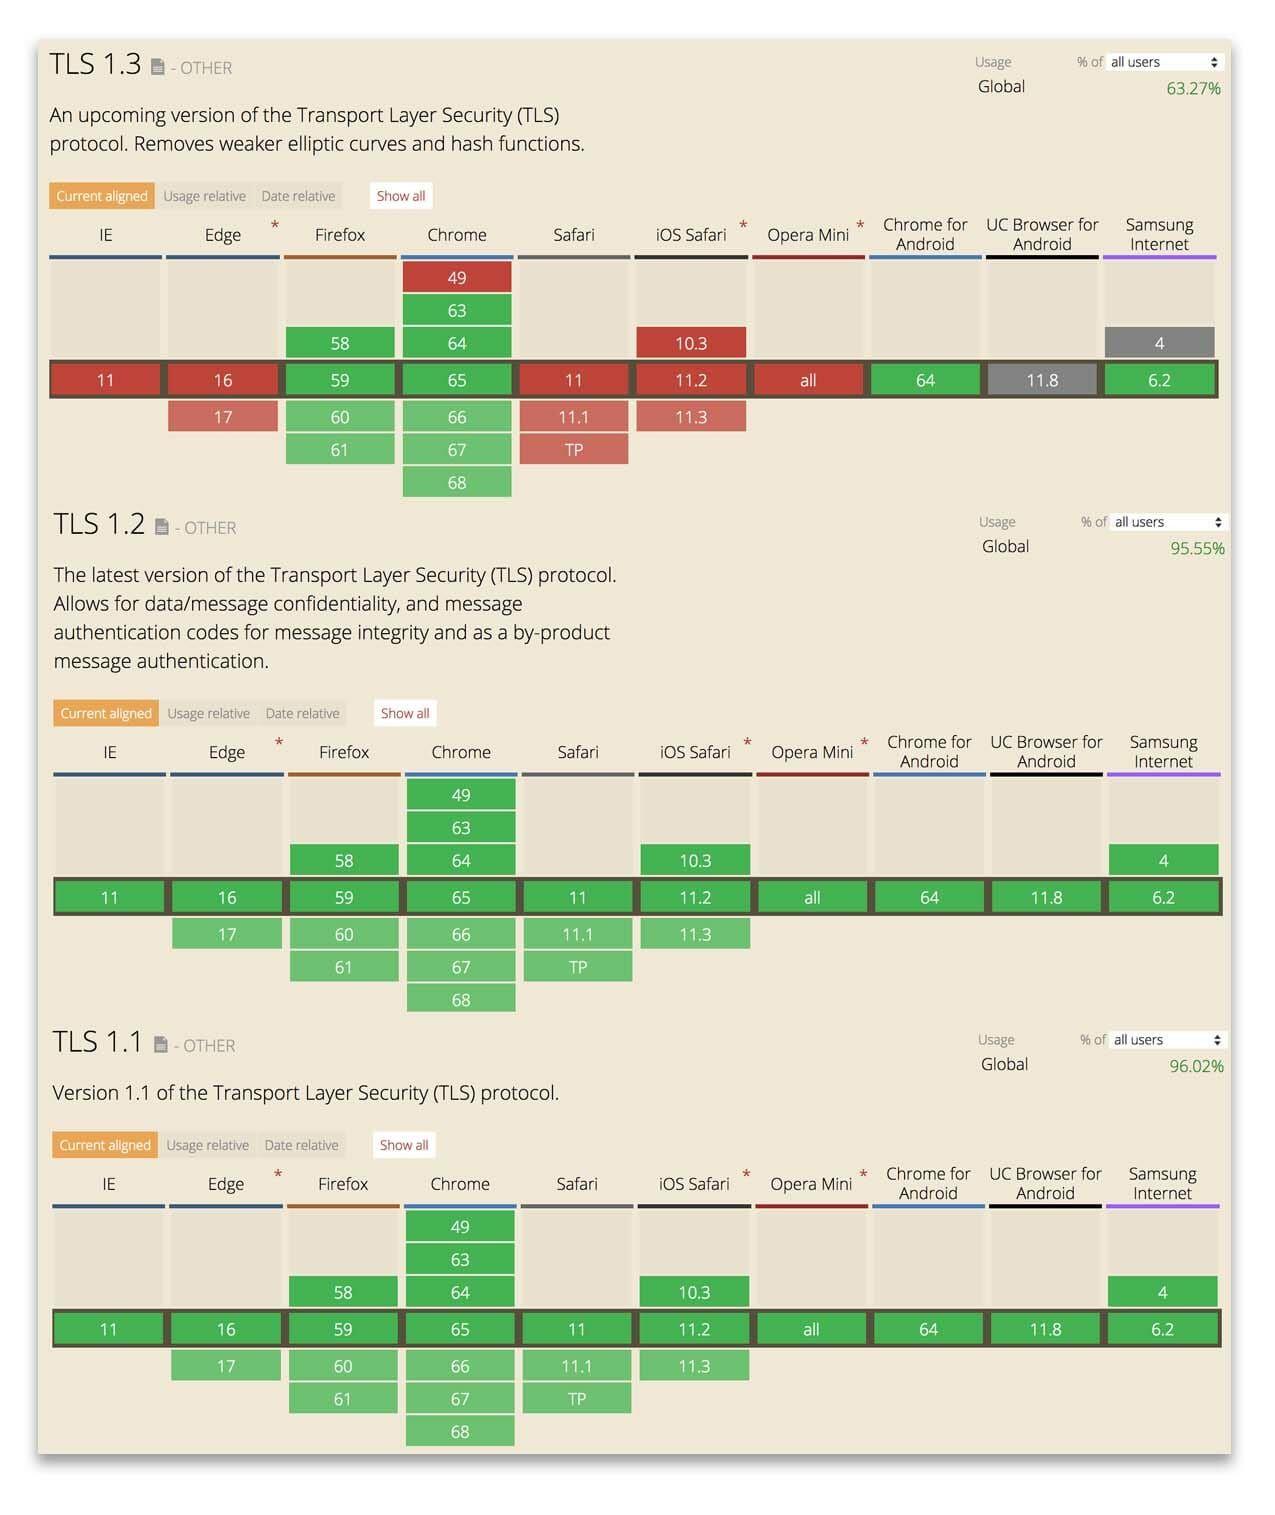 TLS 1.2 vs 1.3